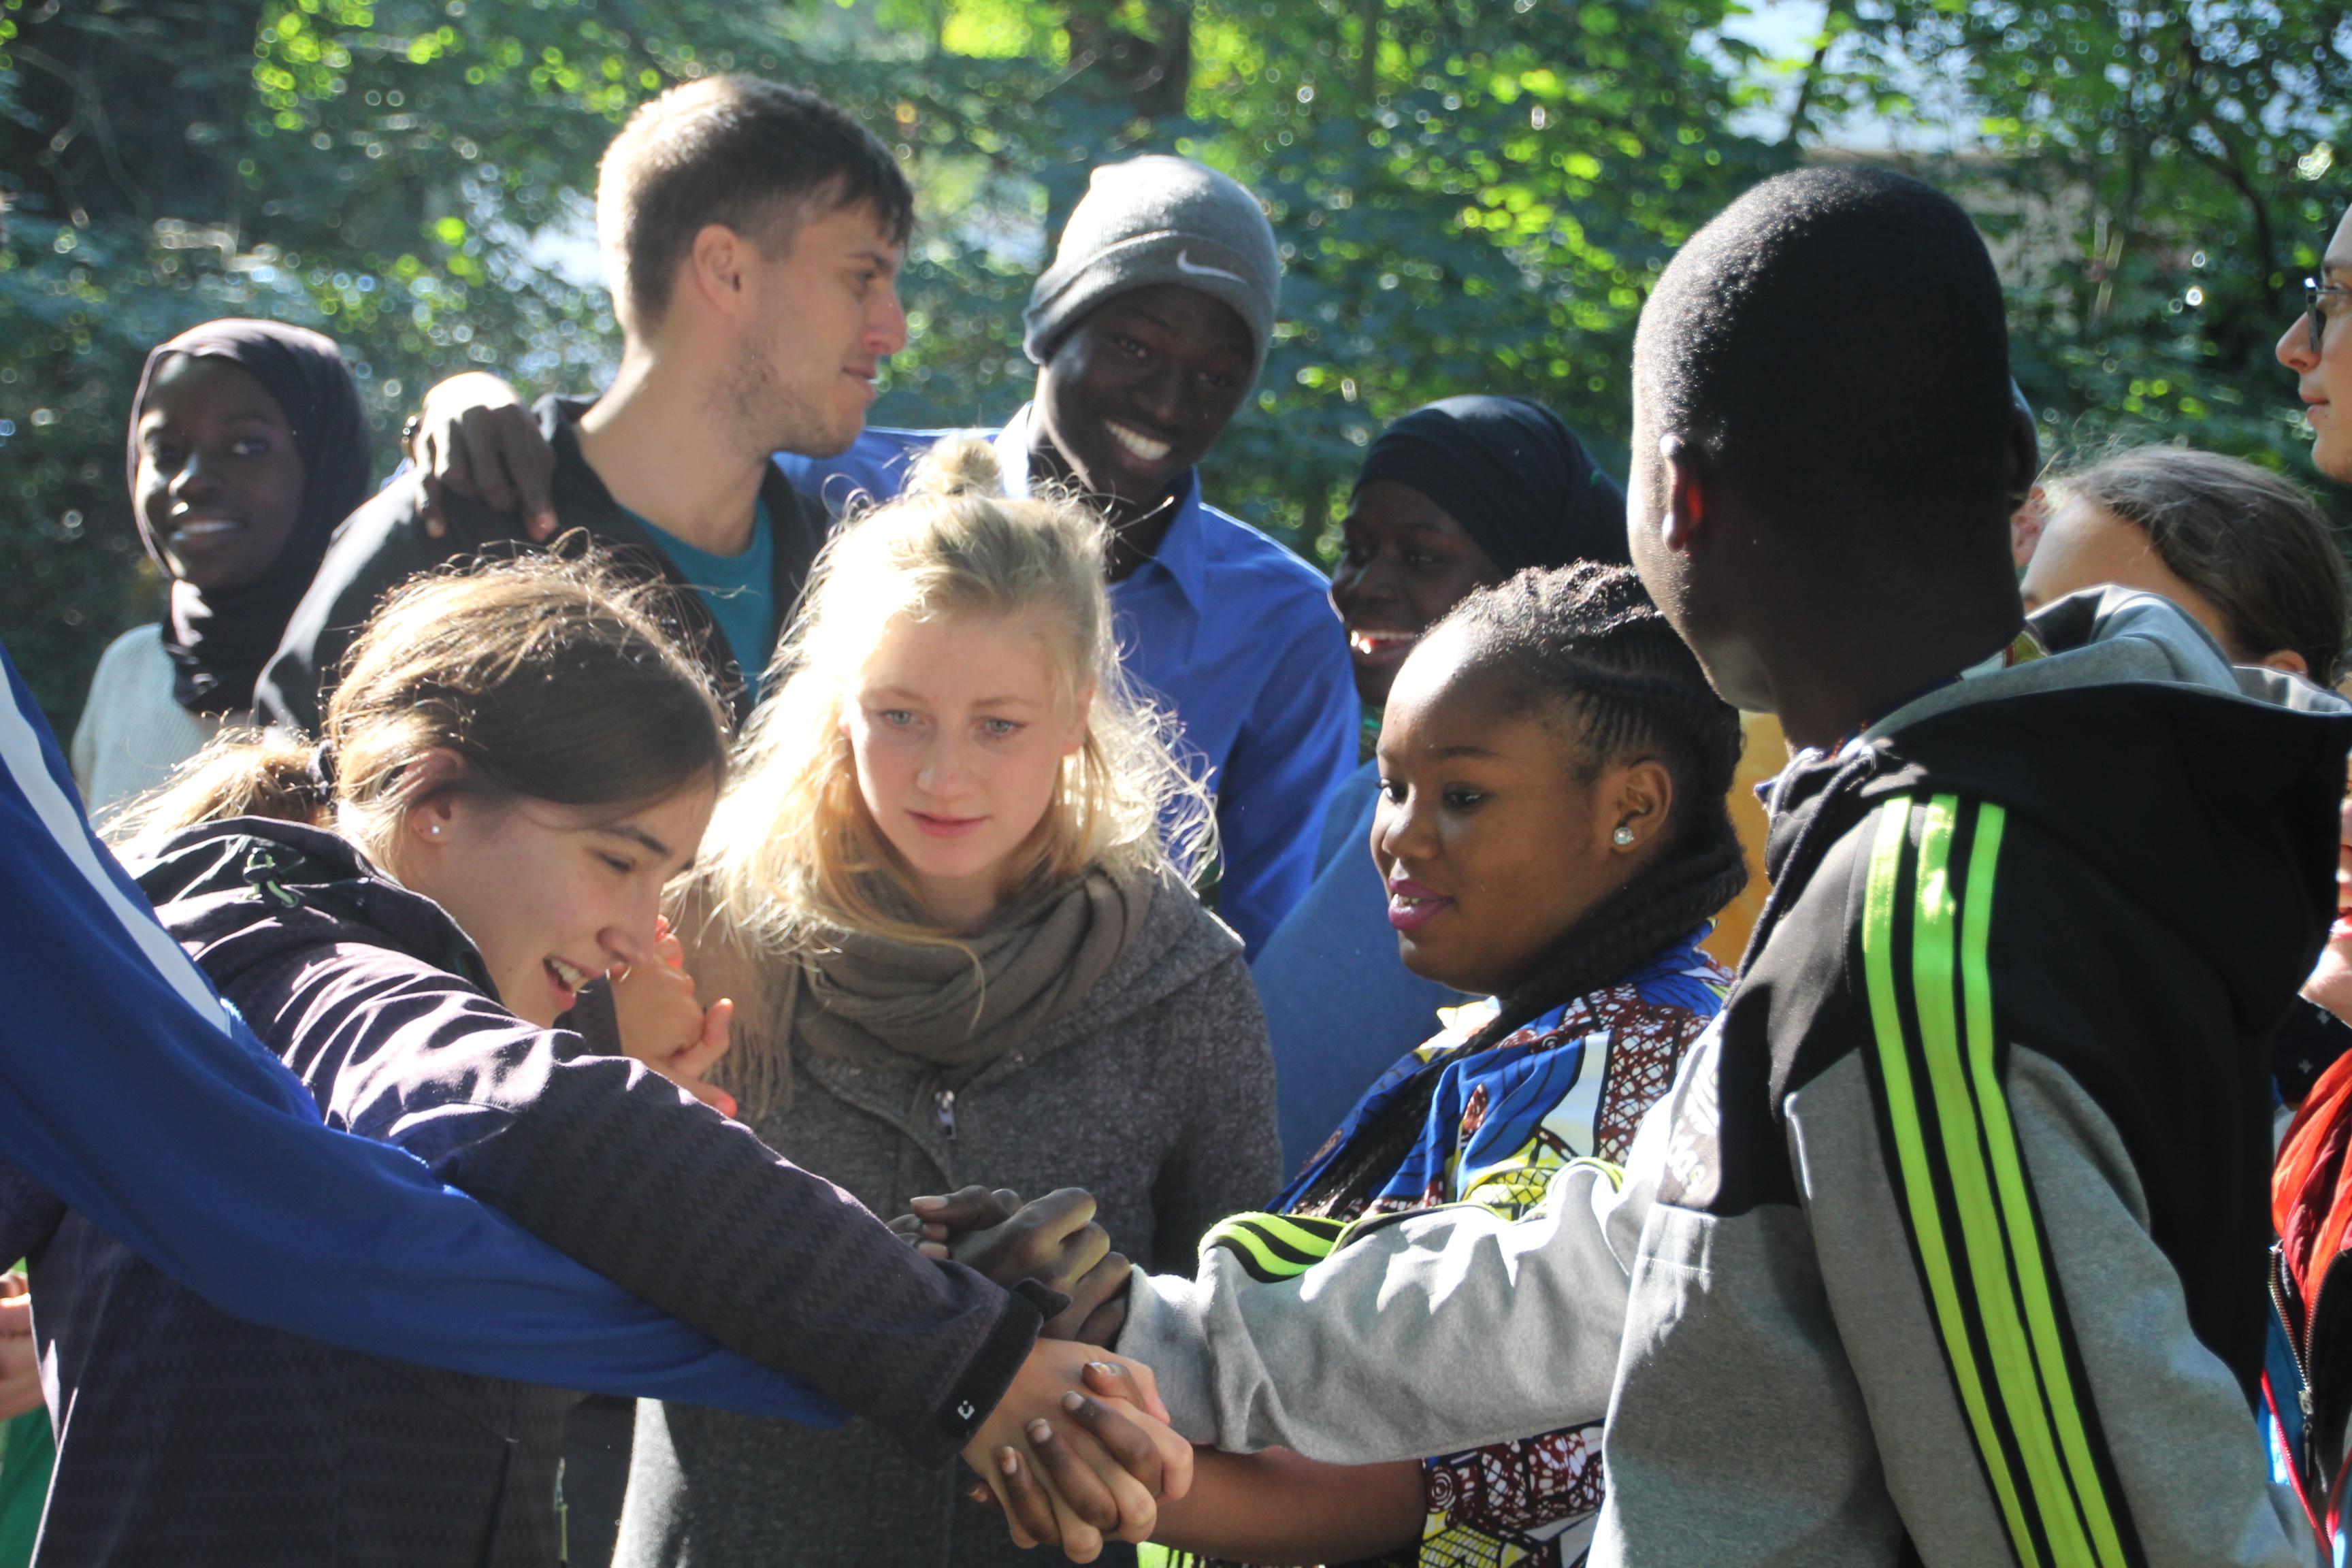 #JugendGrenzenlos – Social-Media-Kampagne für internationale Jugendmobilität